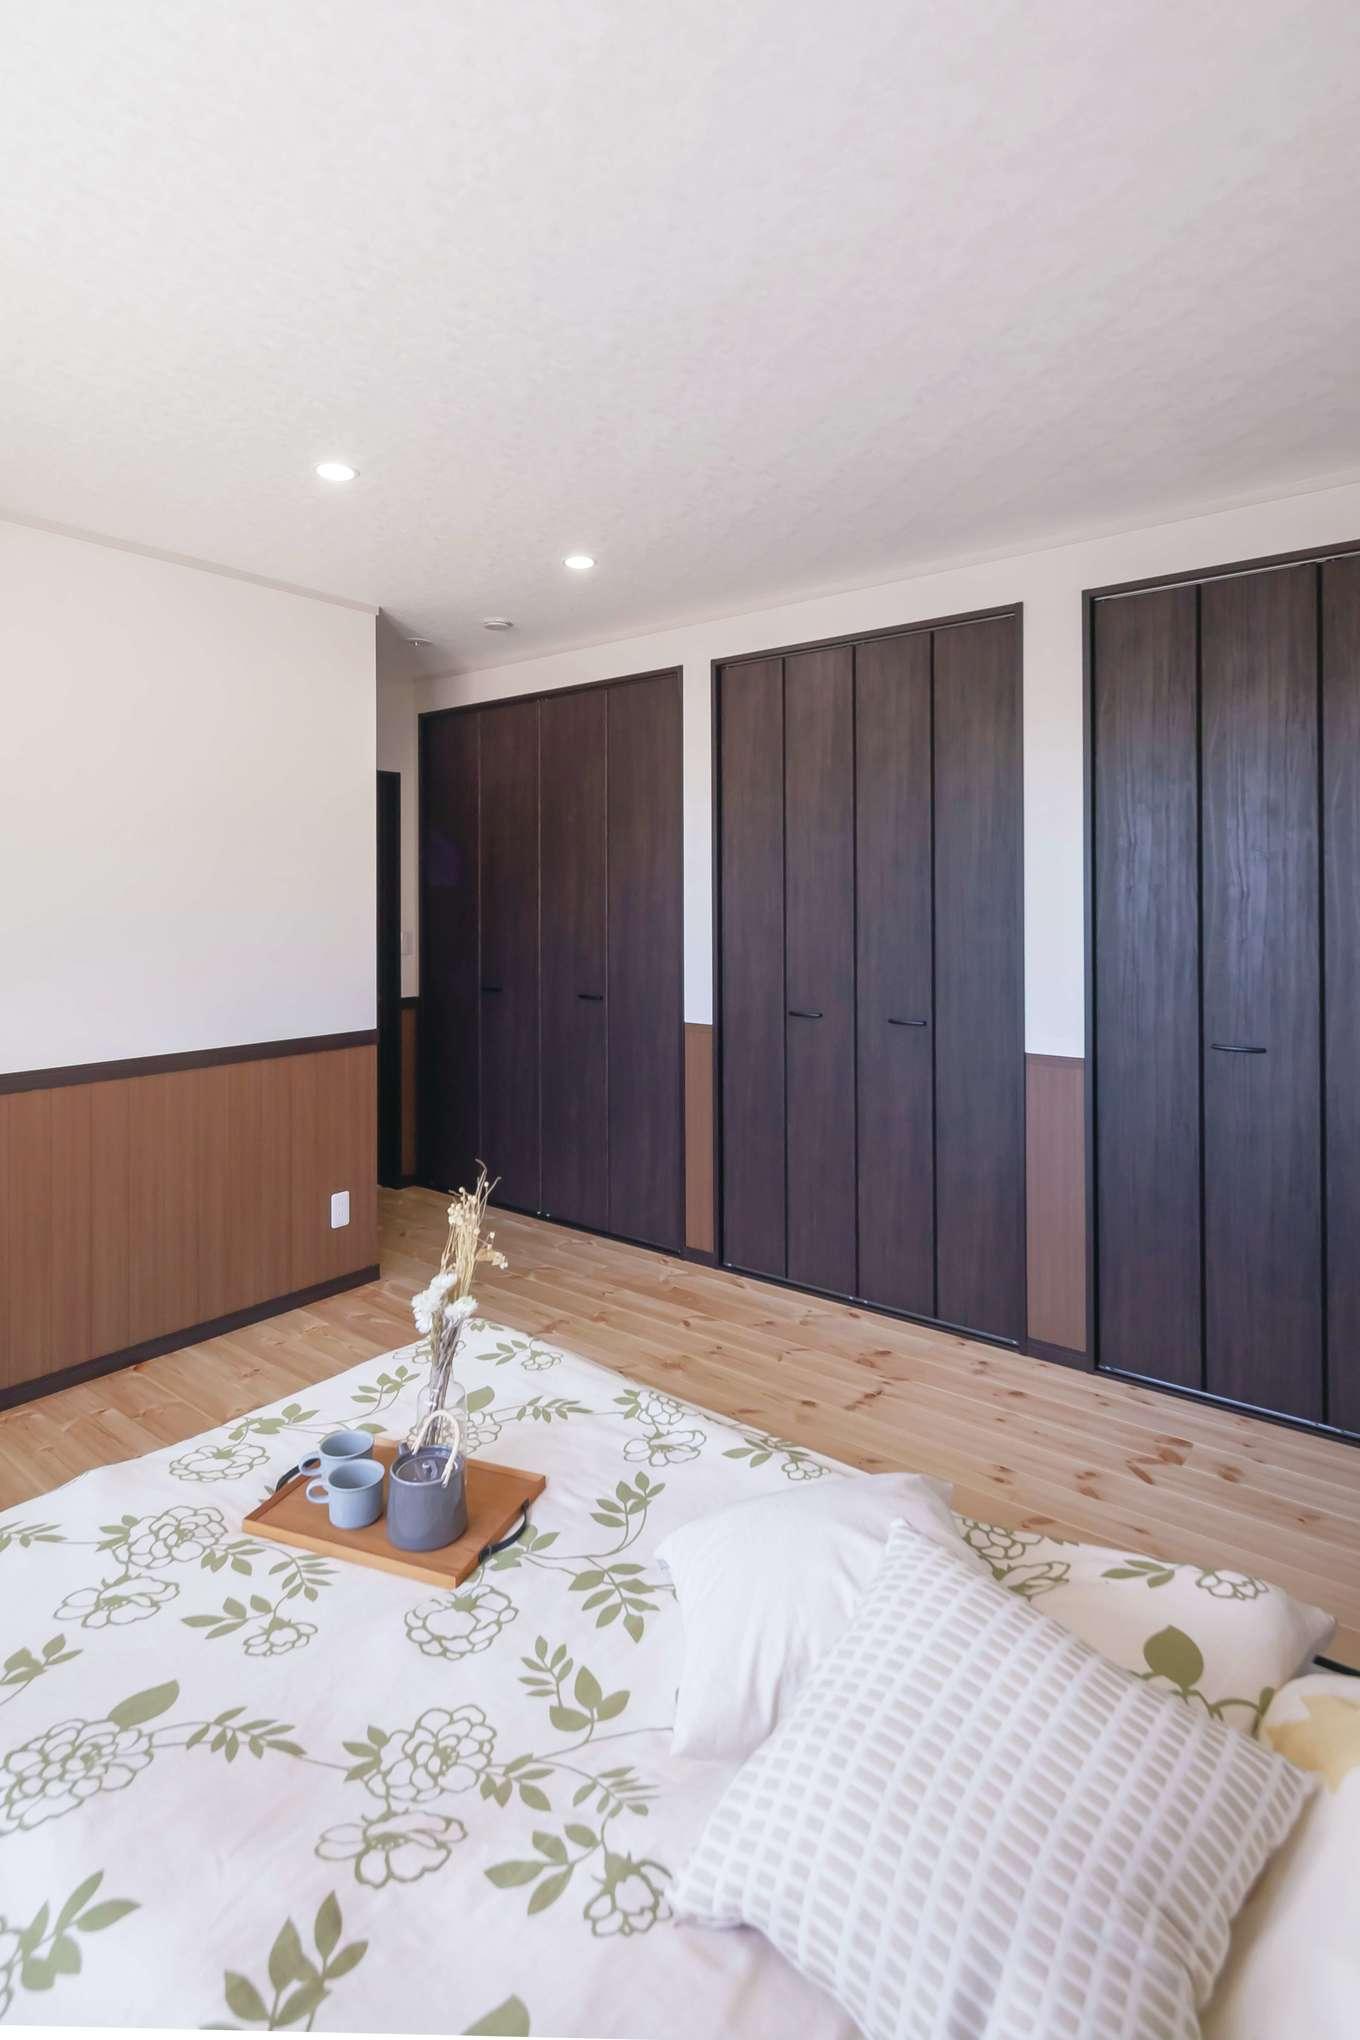 住まいるコーポレーション【デザイン住宅、自然素材、間取り】寝室の床はパイン材。壁面収納を3か所に分けて設け、使い分けられるようにした